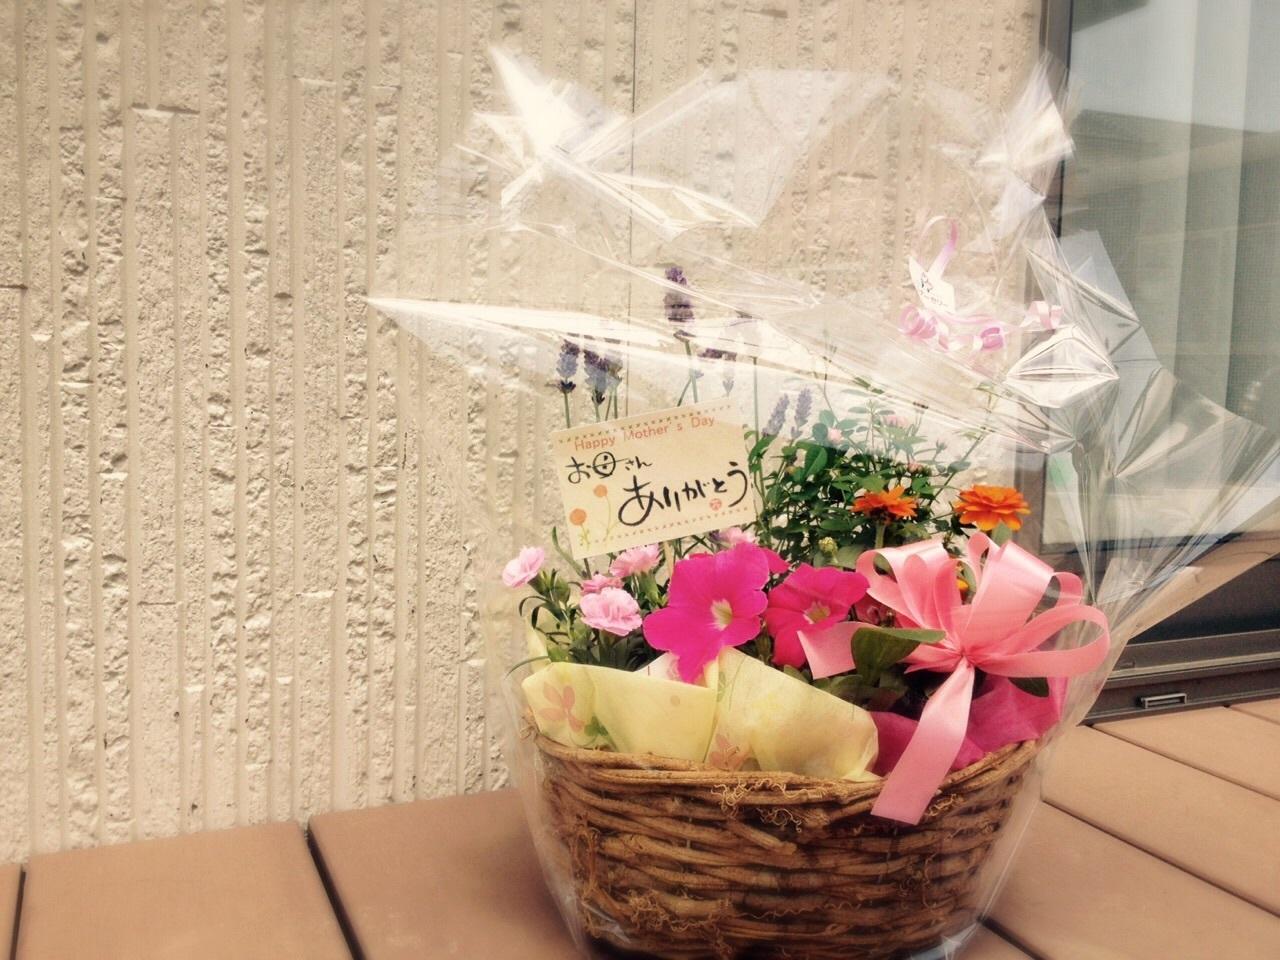 6月予定★マタニティ&リカバリーヨガ_e0151409_07032430.jpg